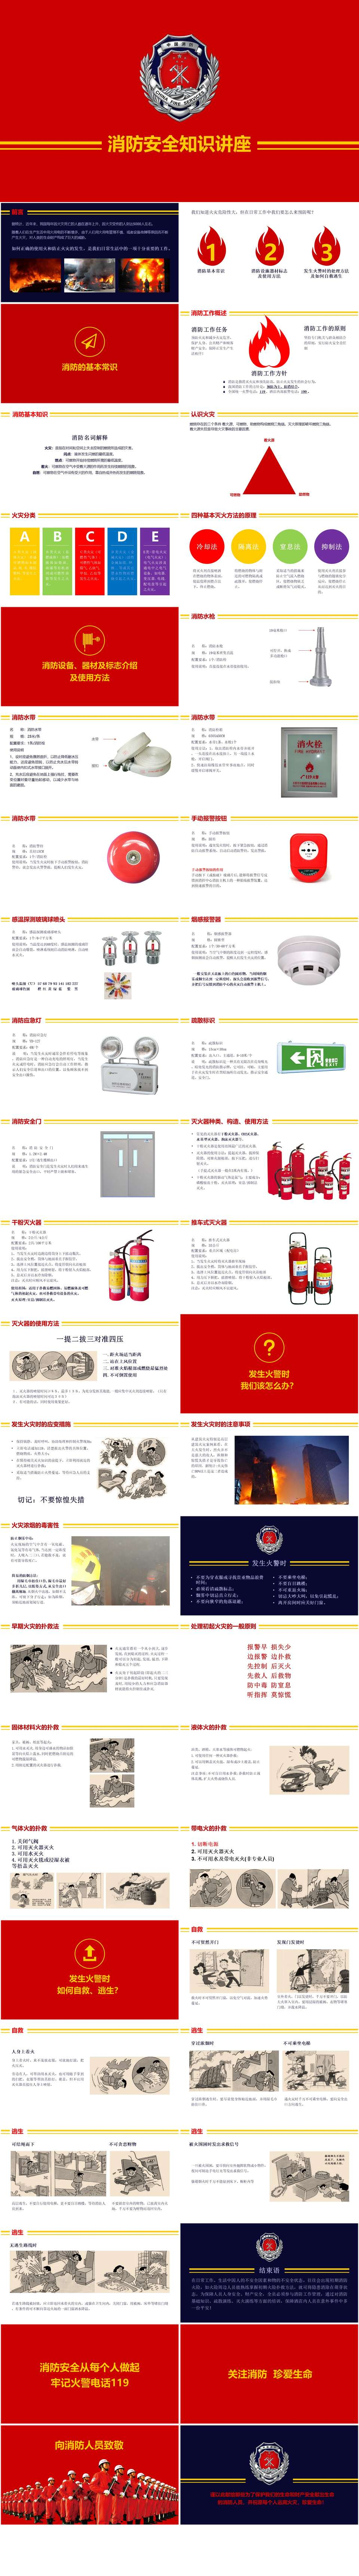 消防安全知识教育讲座PPT模板插图1